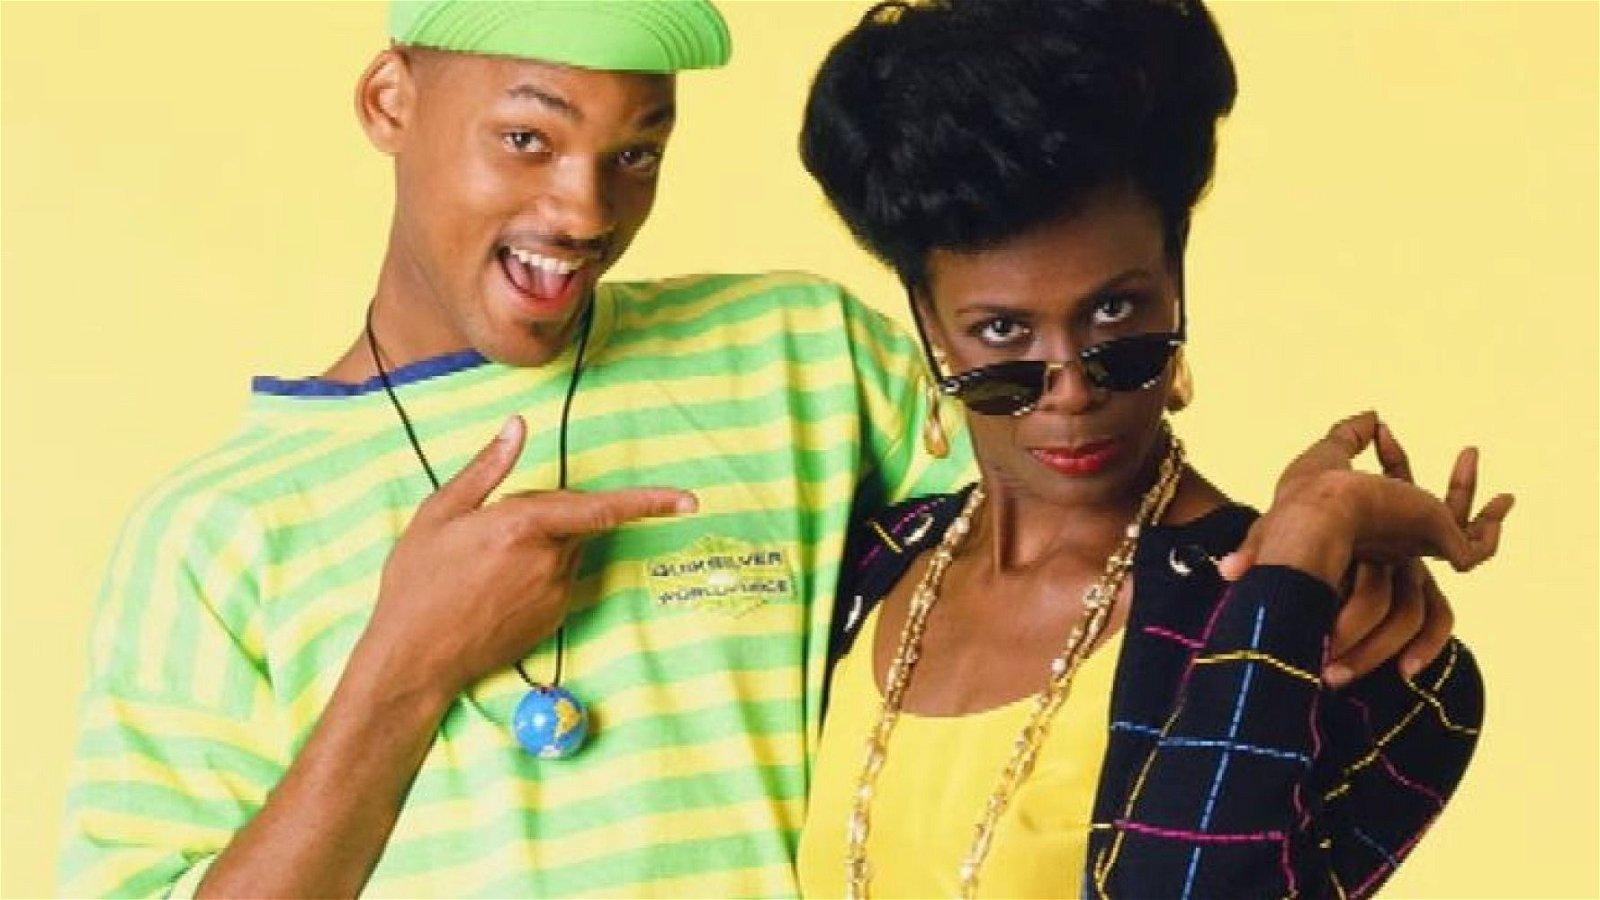 El Príncipe de Bel-Air: La tía Vivian original carga contra el reparto de la serie